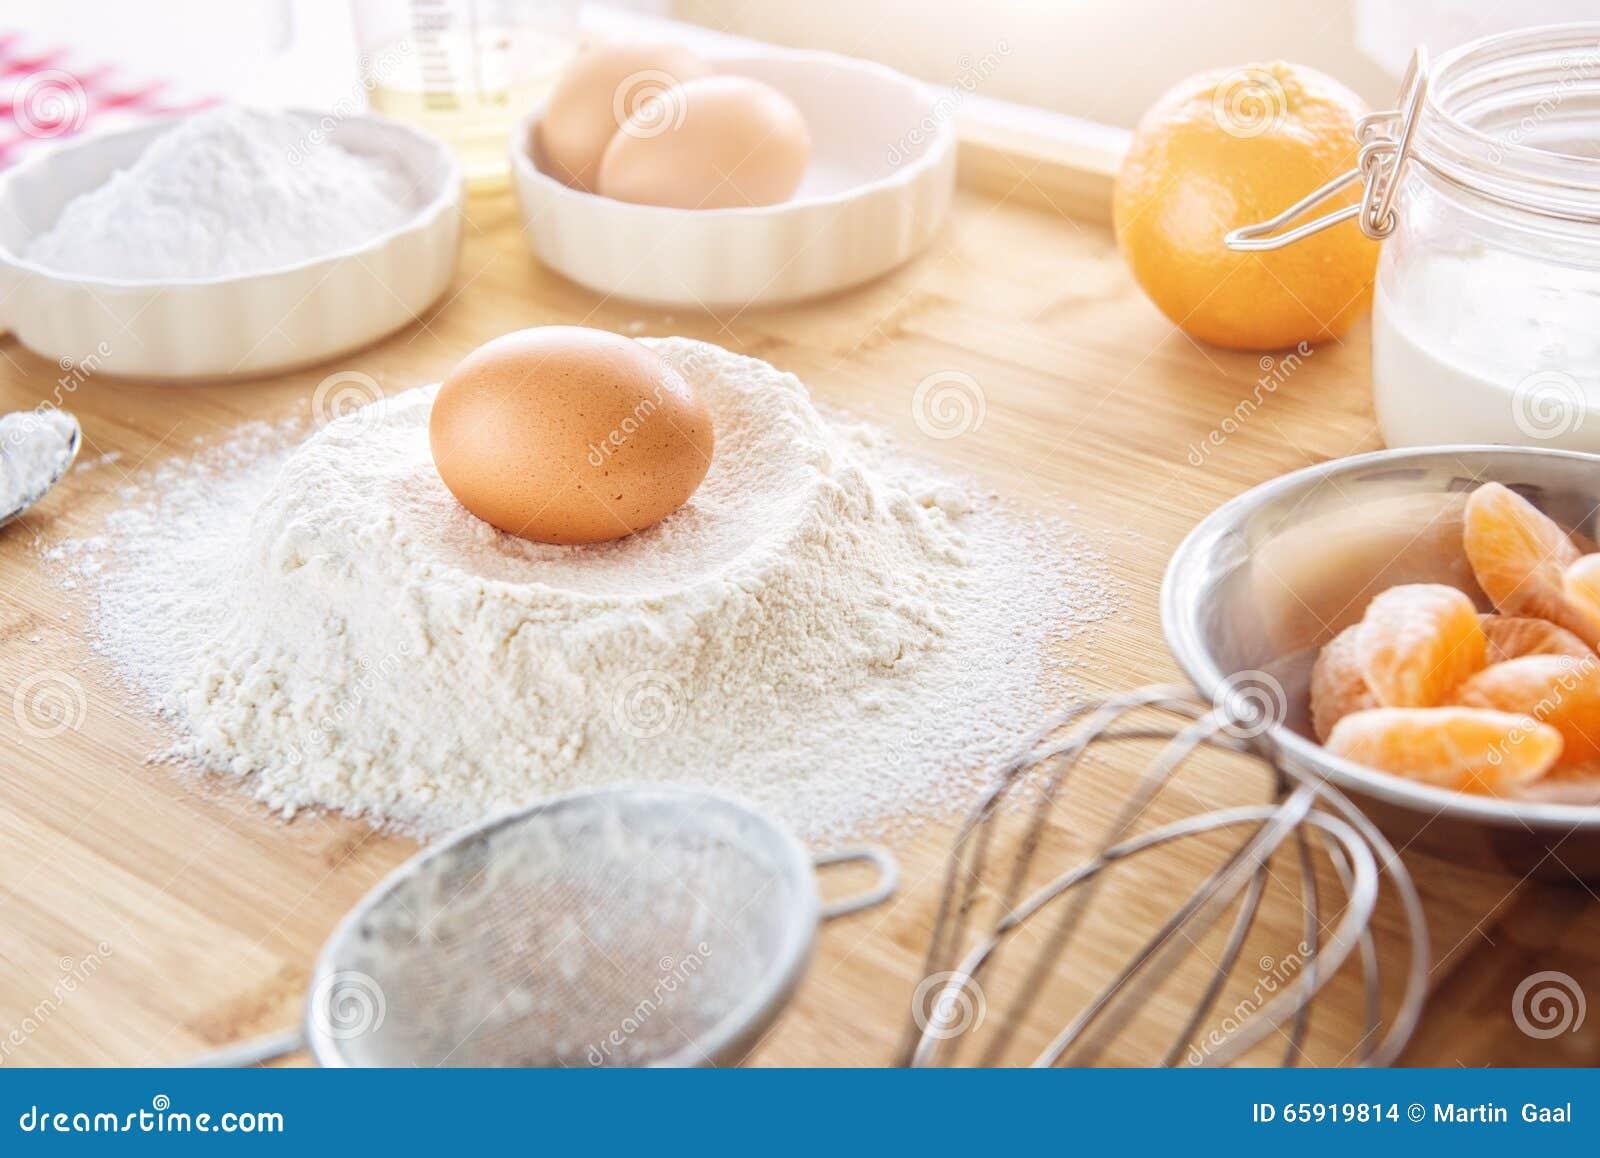 Bakselcake in keuken - de ingrediënten van het deegrecept met fruit op houten lijst